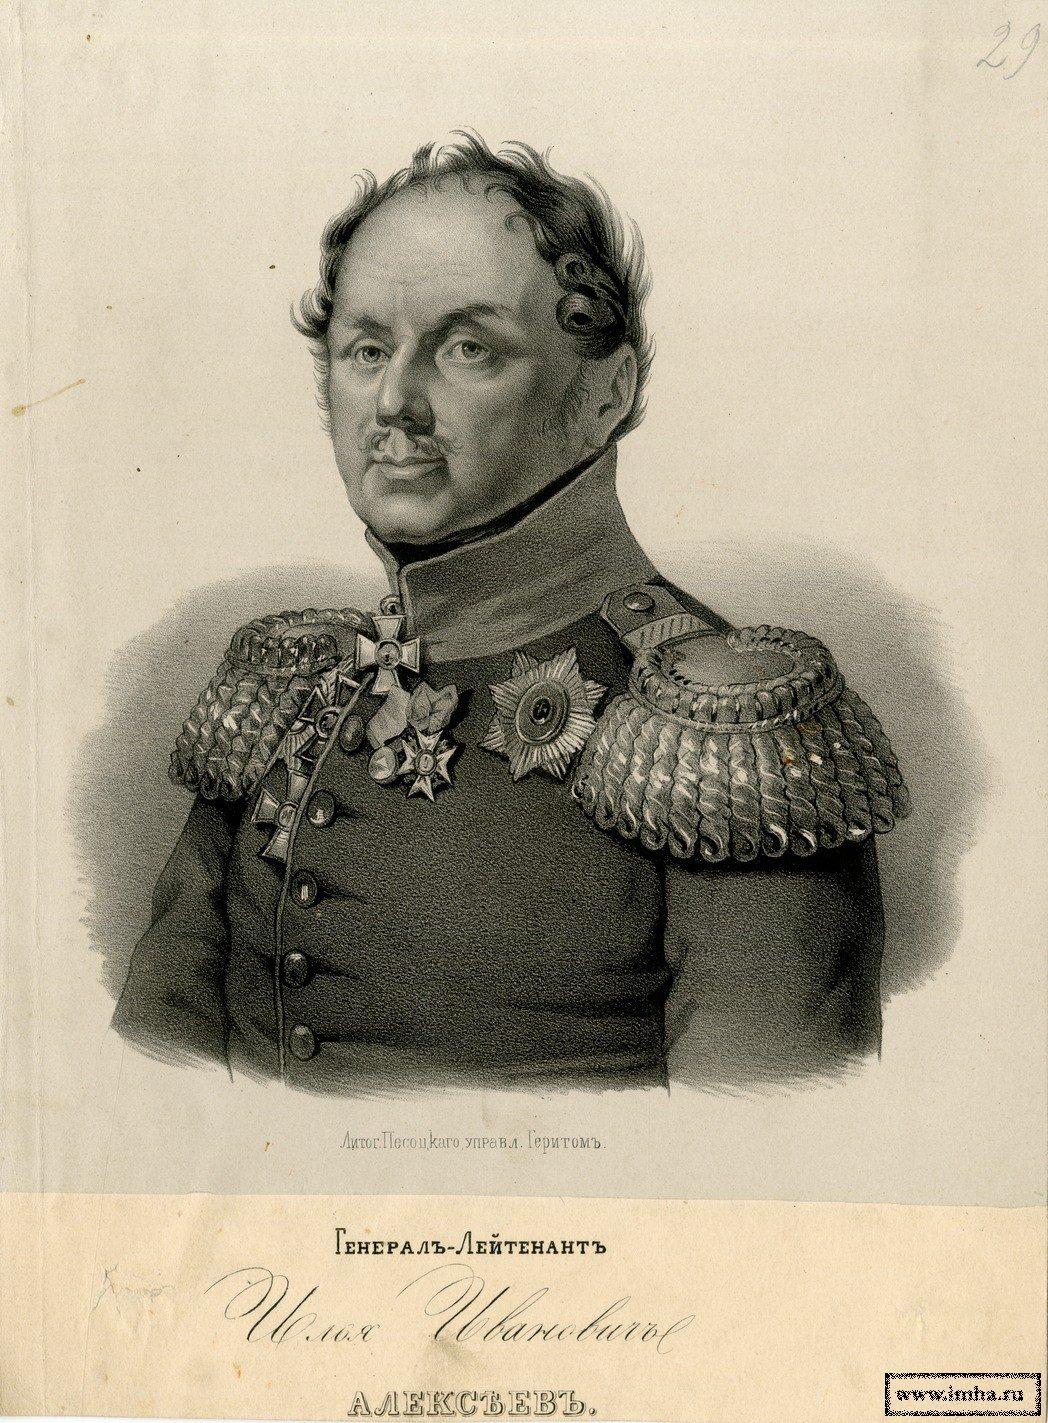 Генерал-лейтенант Илья Иванович Алексеев. - 1845. - 178х185; 269х200 мм: Литография.